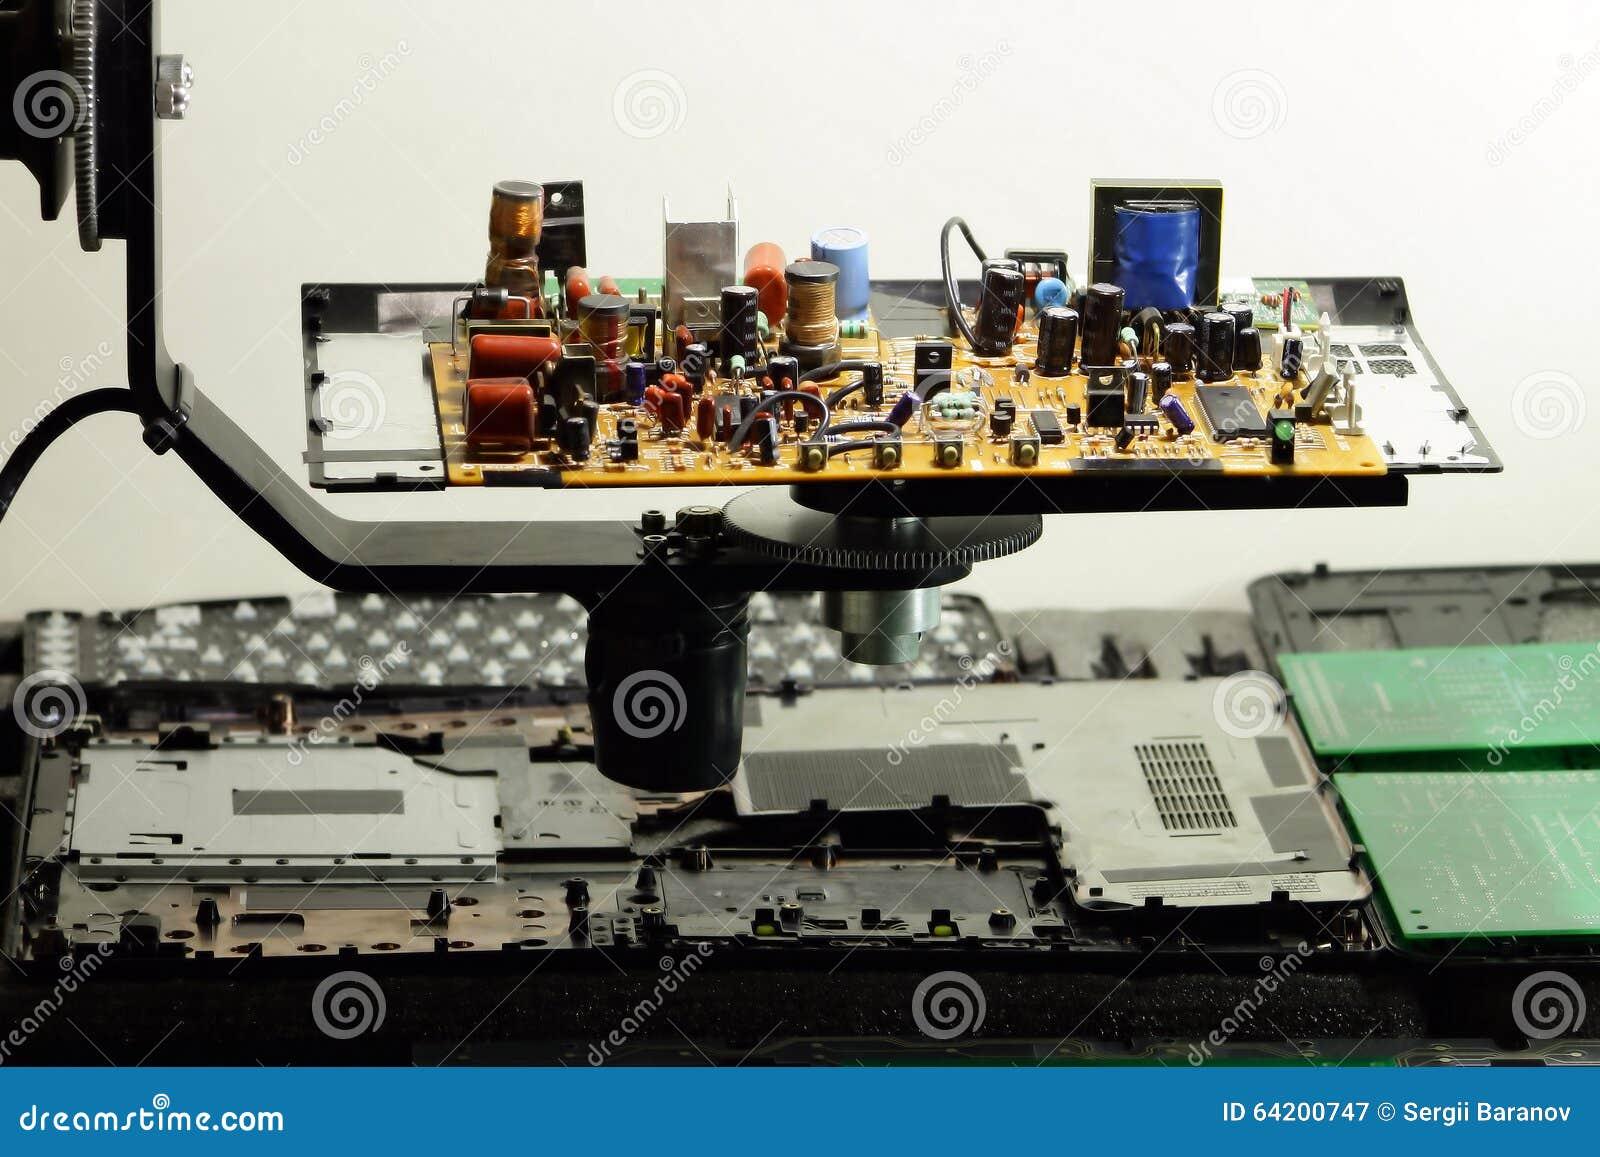 Componentes de radio en tablero electrónico en la fábrica de la electrónica